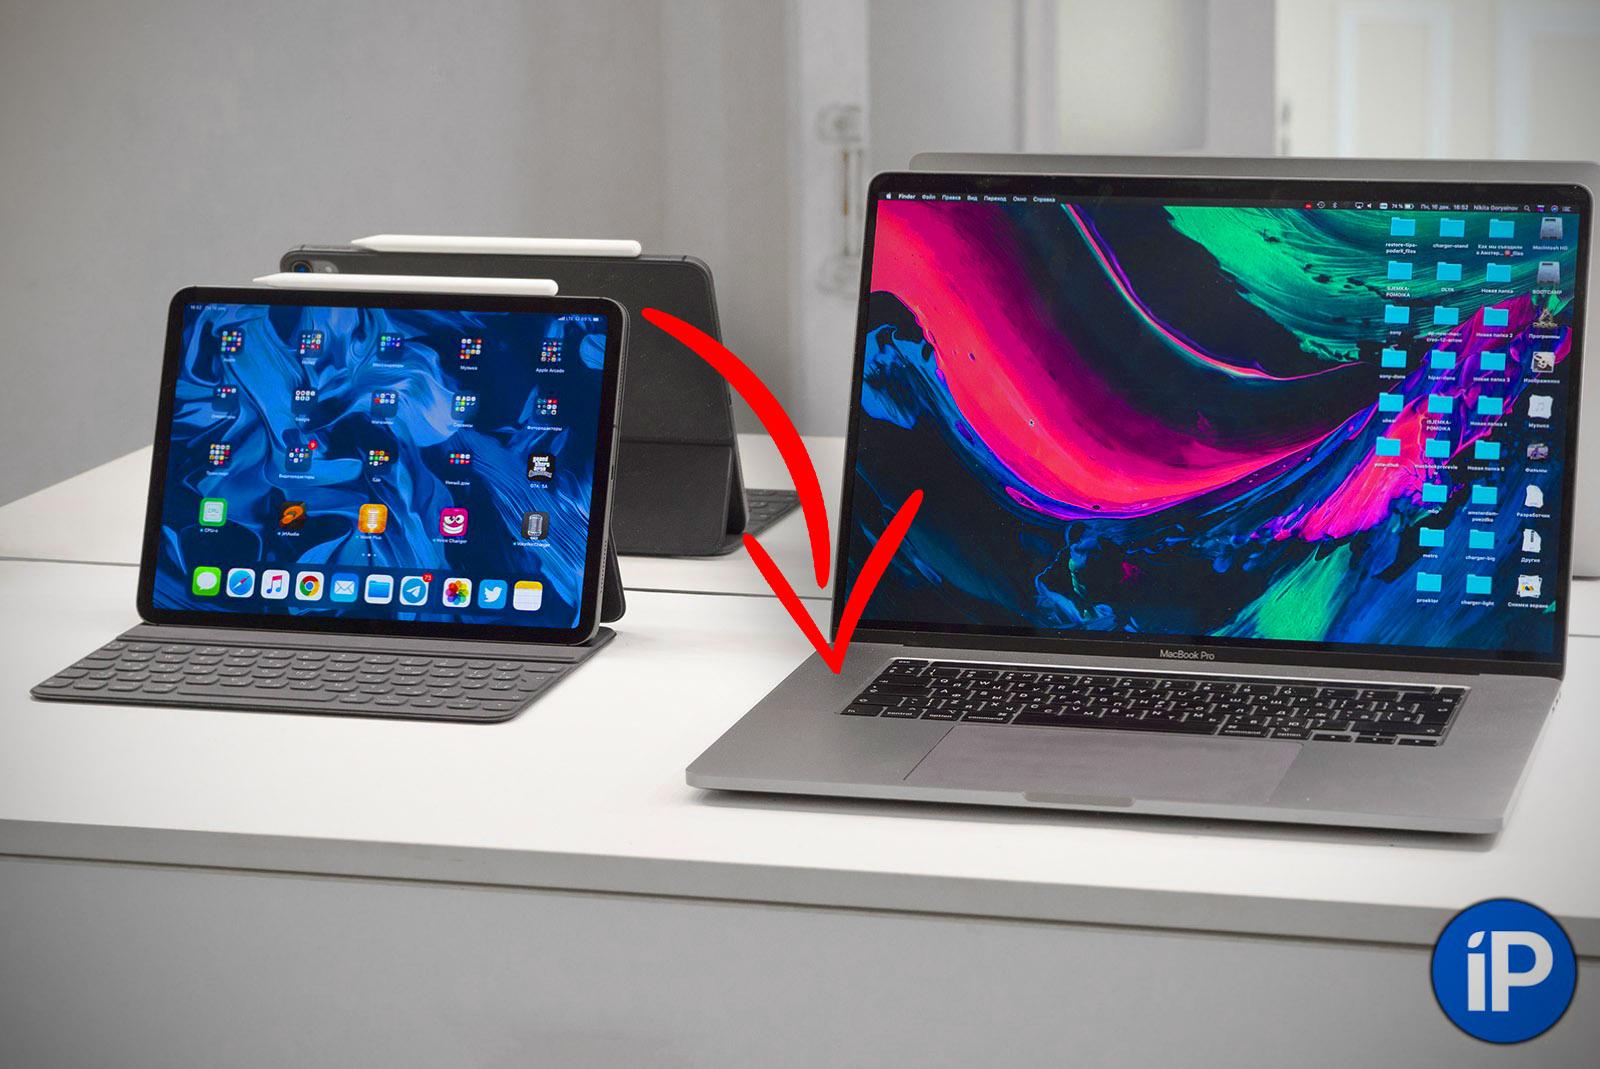 Самая громкая инновация Apple, которую нельзя замалчивать. Это звук